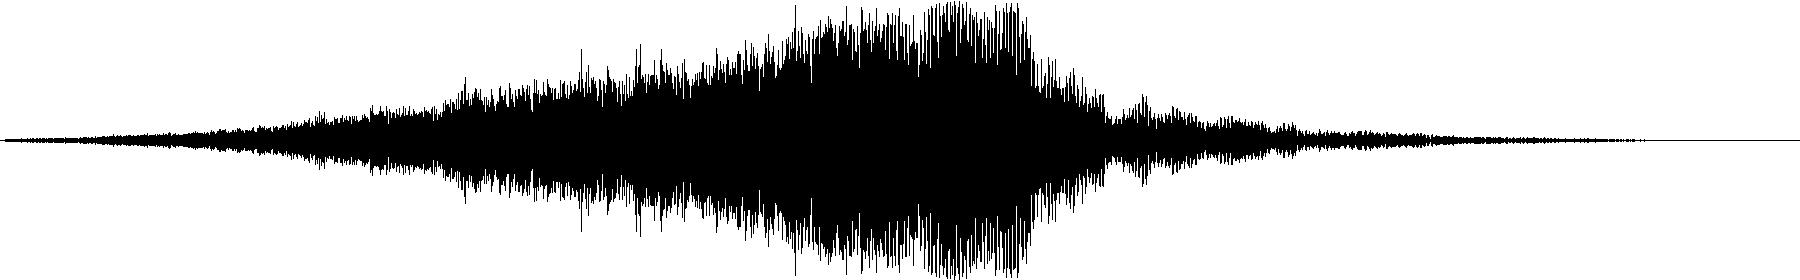 vfx1 atmos 27